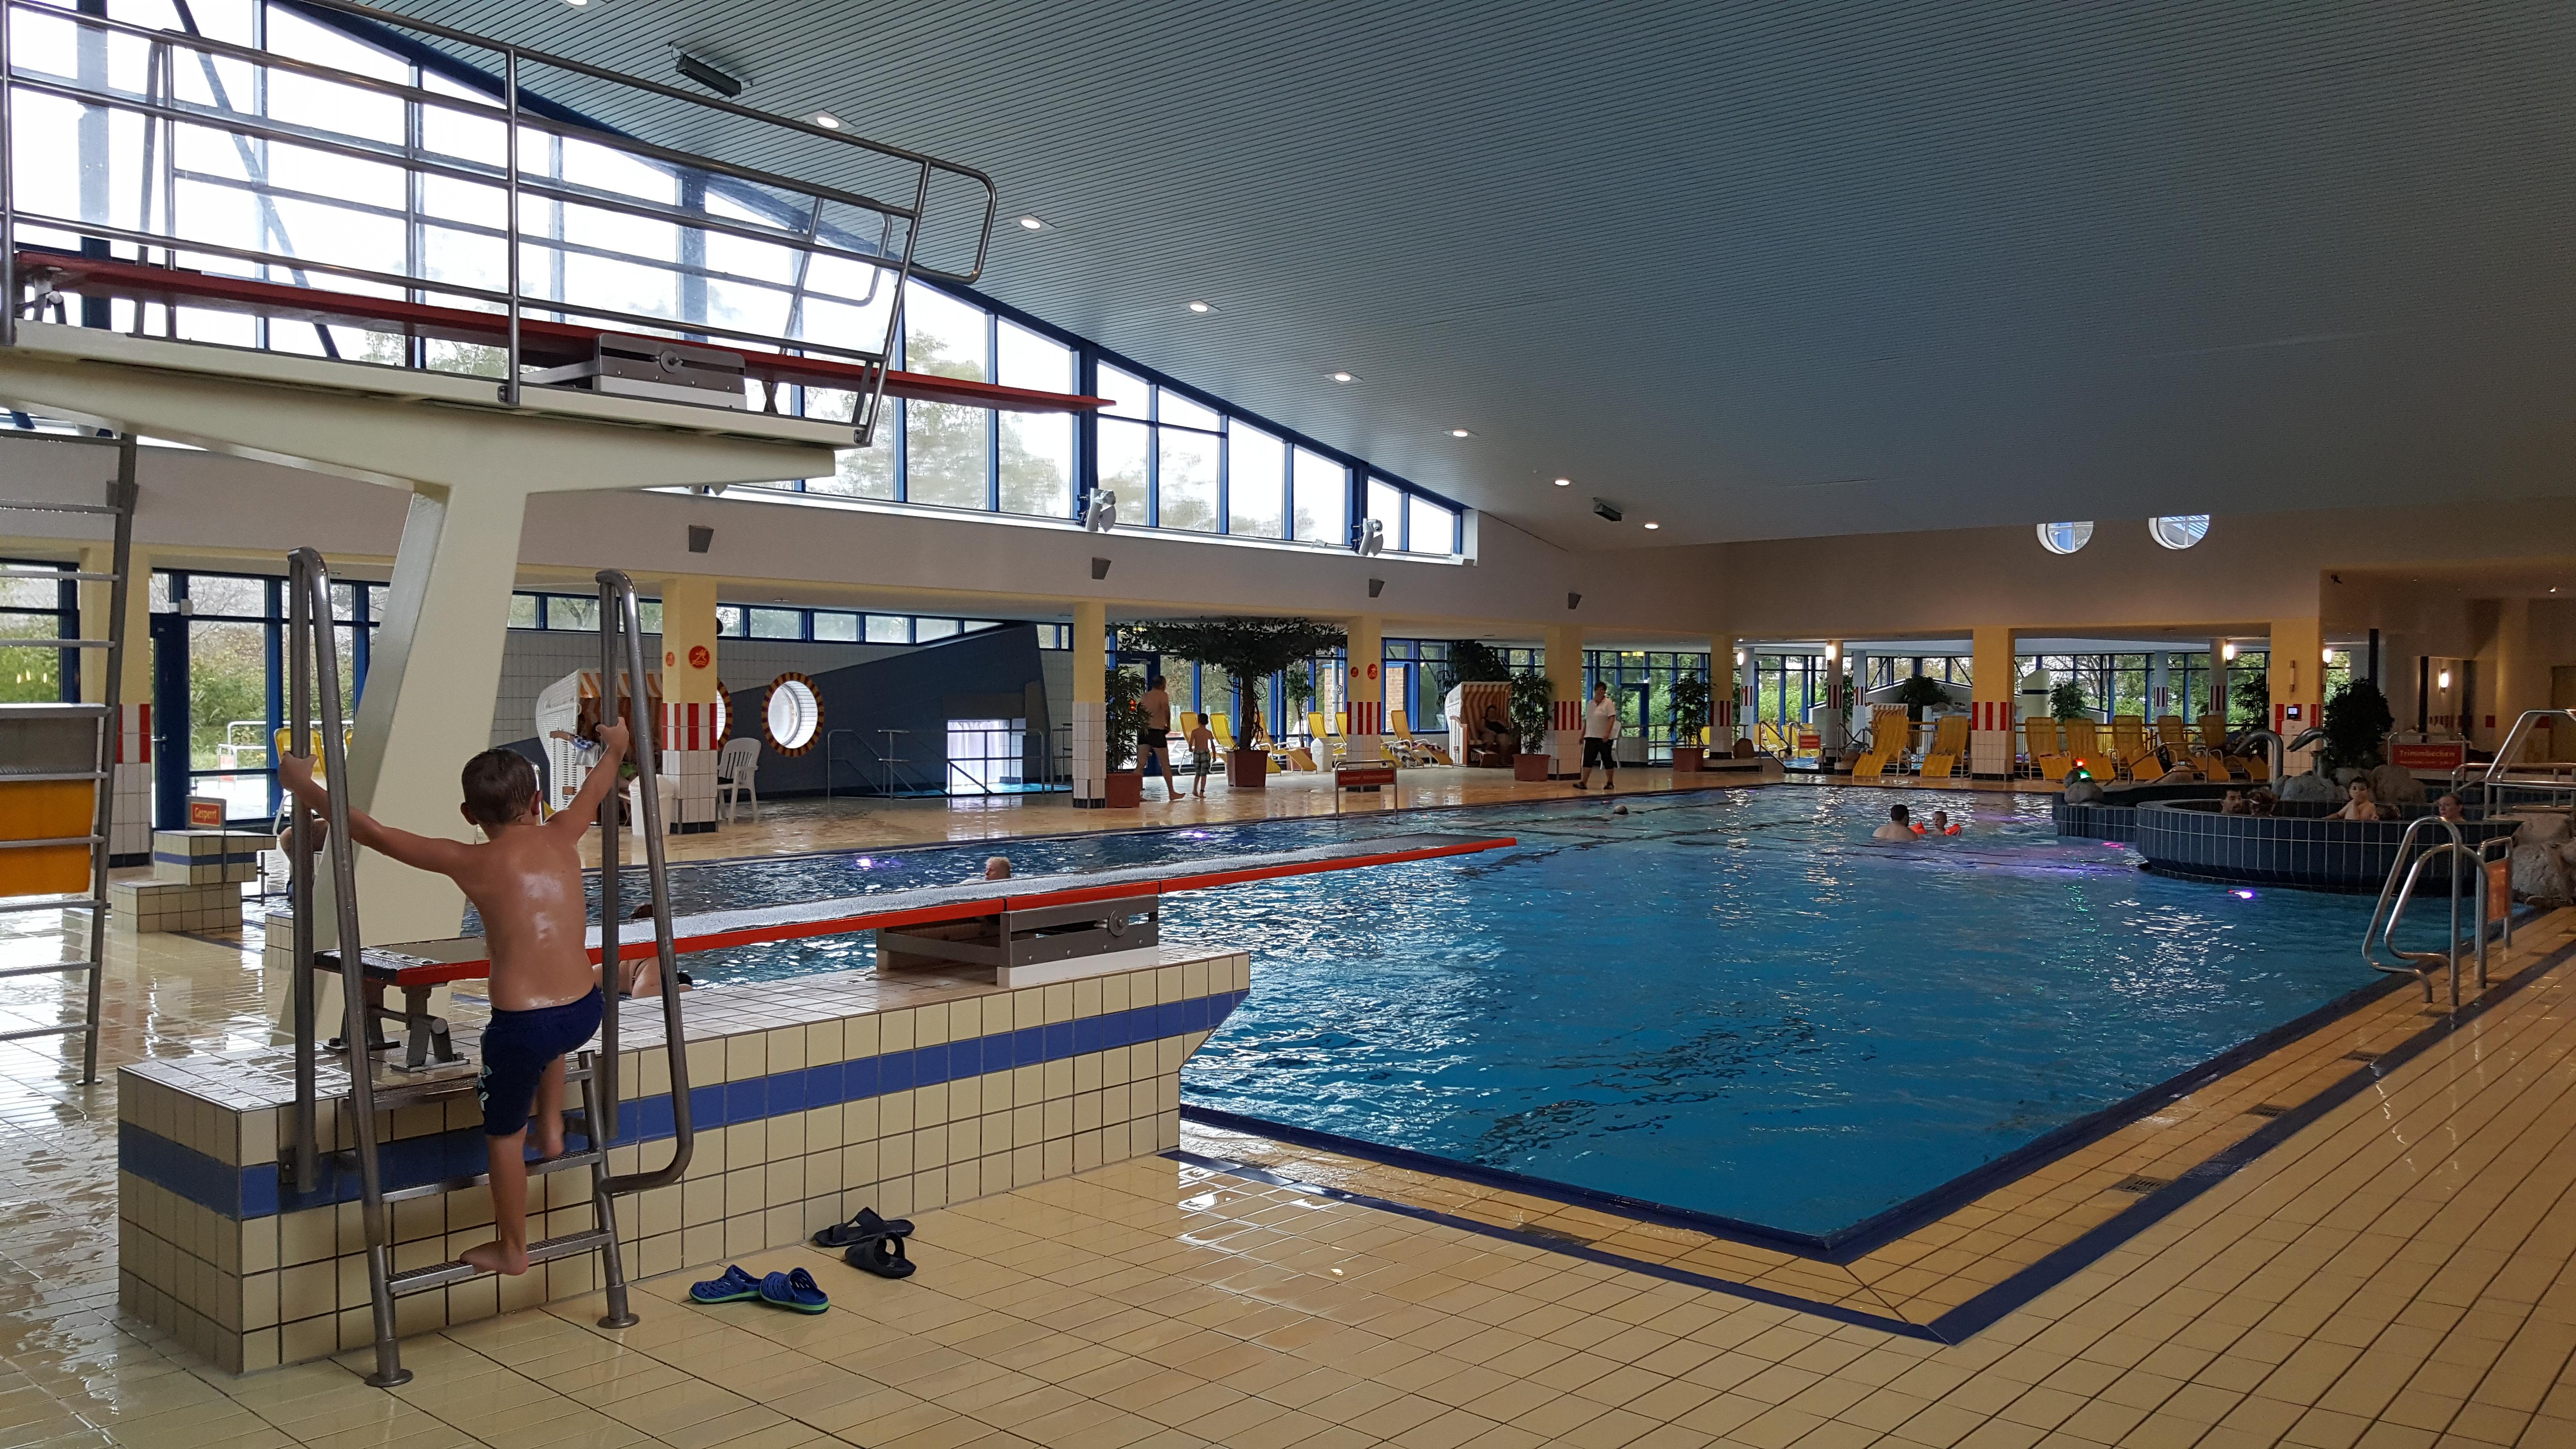 Bad 1 Bremerhaven - Badeerlebnis für die ganze Familie